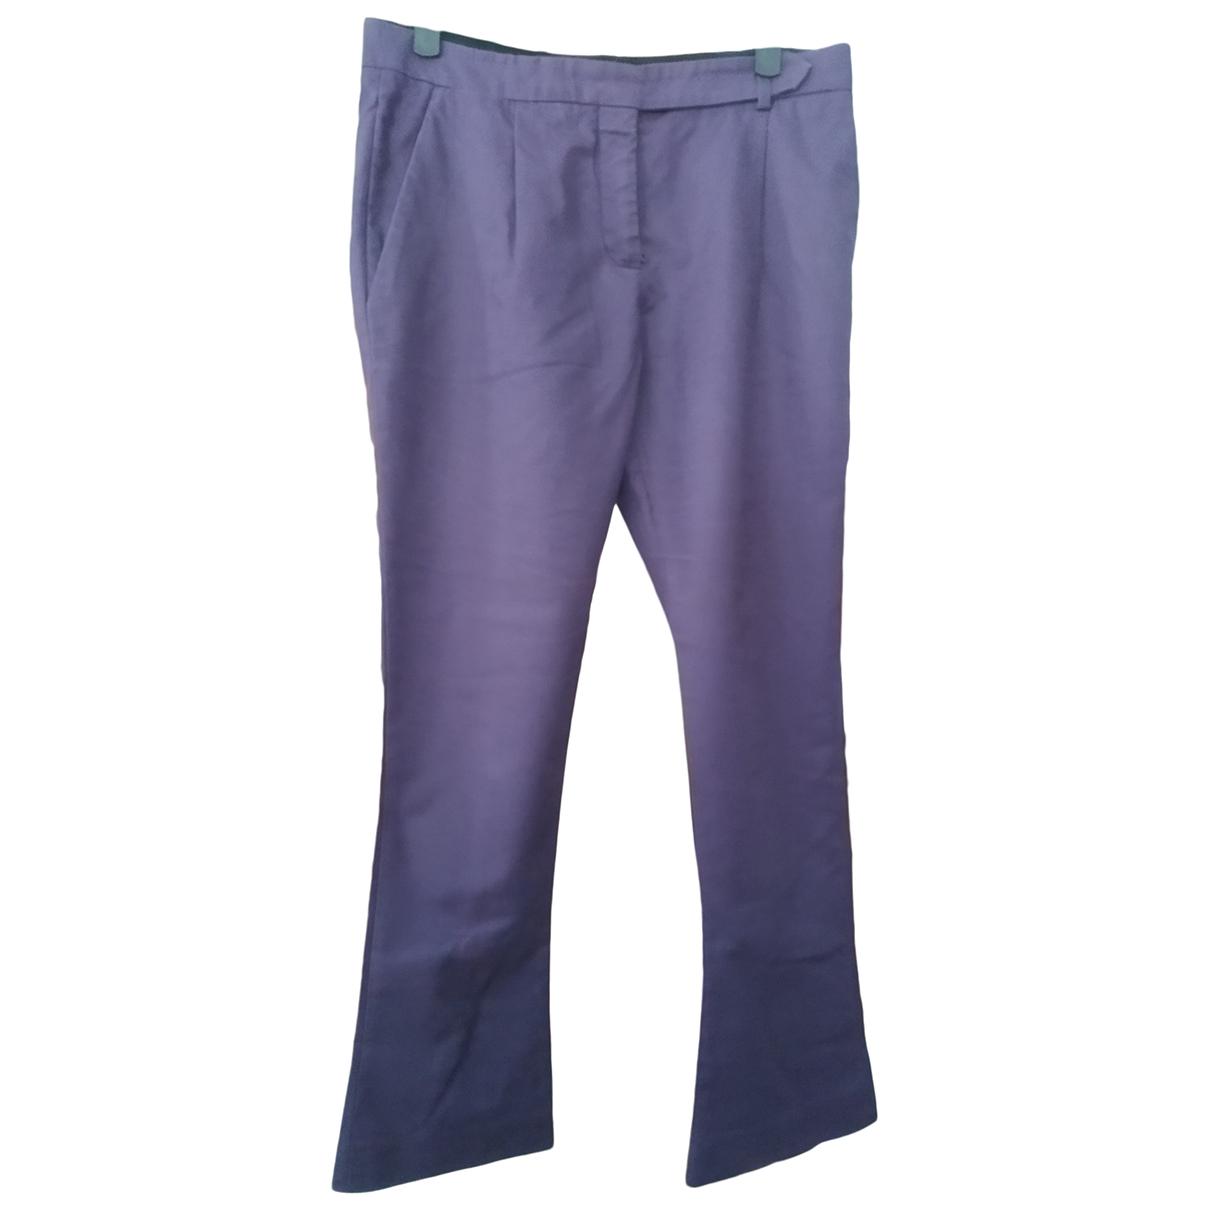 Pantalon en Algodon Violeta Prada